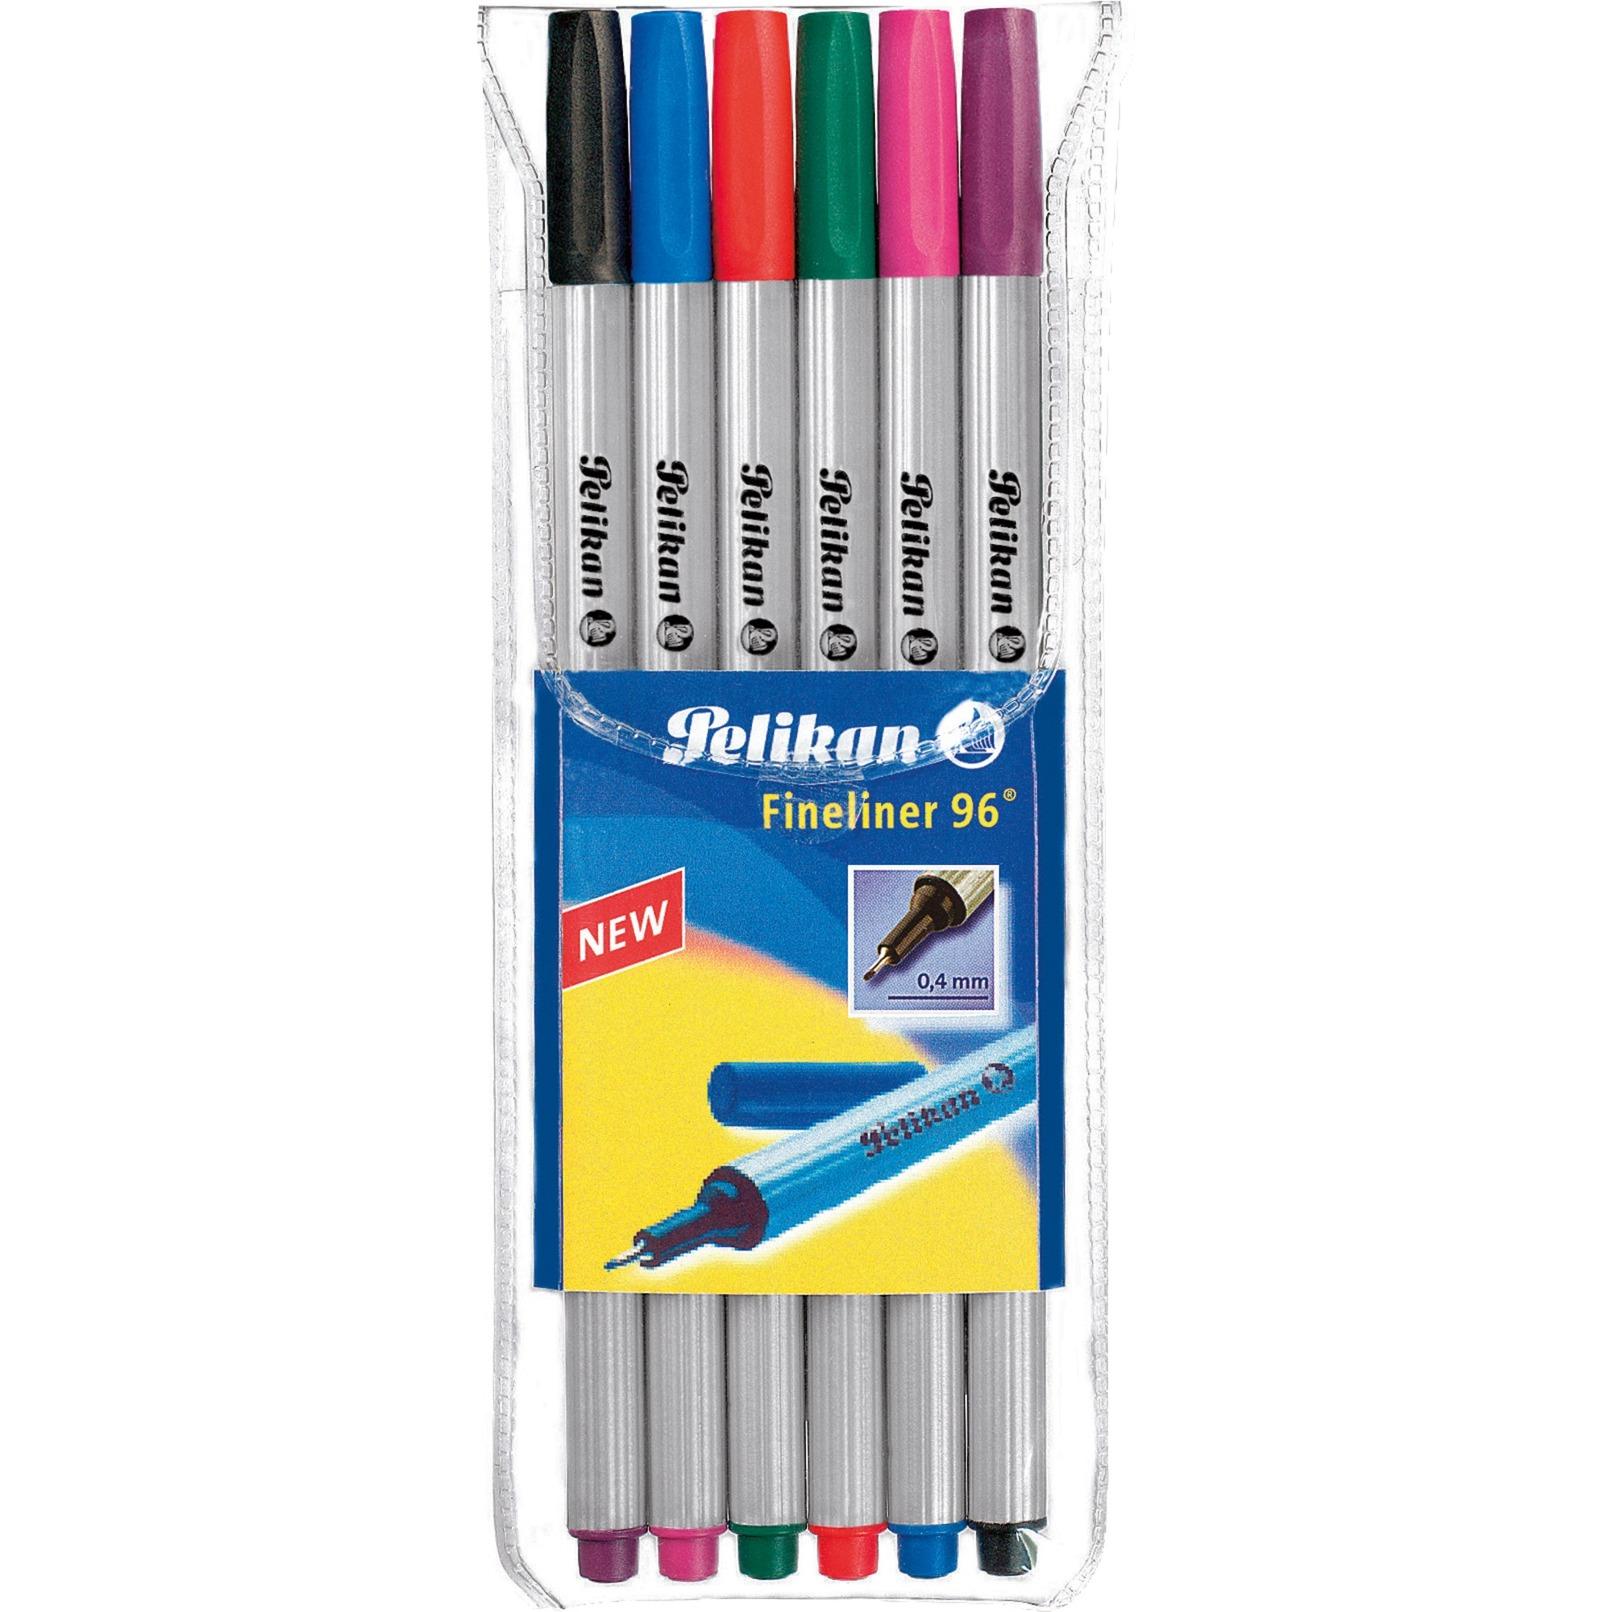 940650 Negro, Azul, Verde, Rosa, Púrpura, Rojo 6pieza(s) pluma estiligráfica, Conjunto